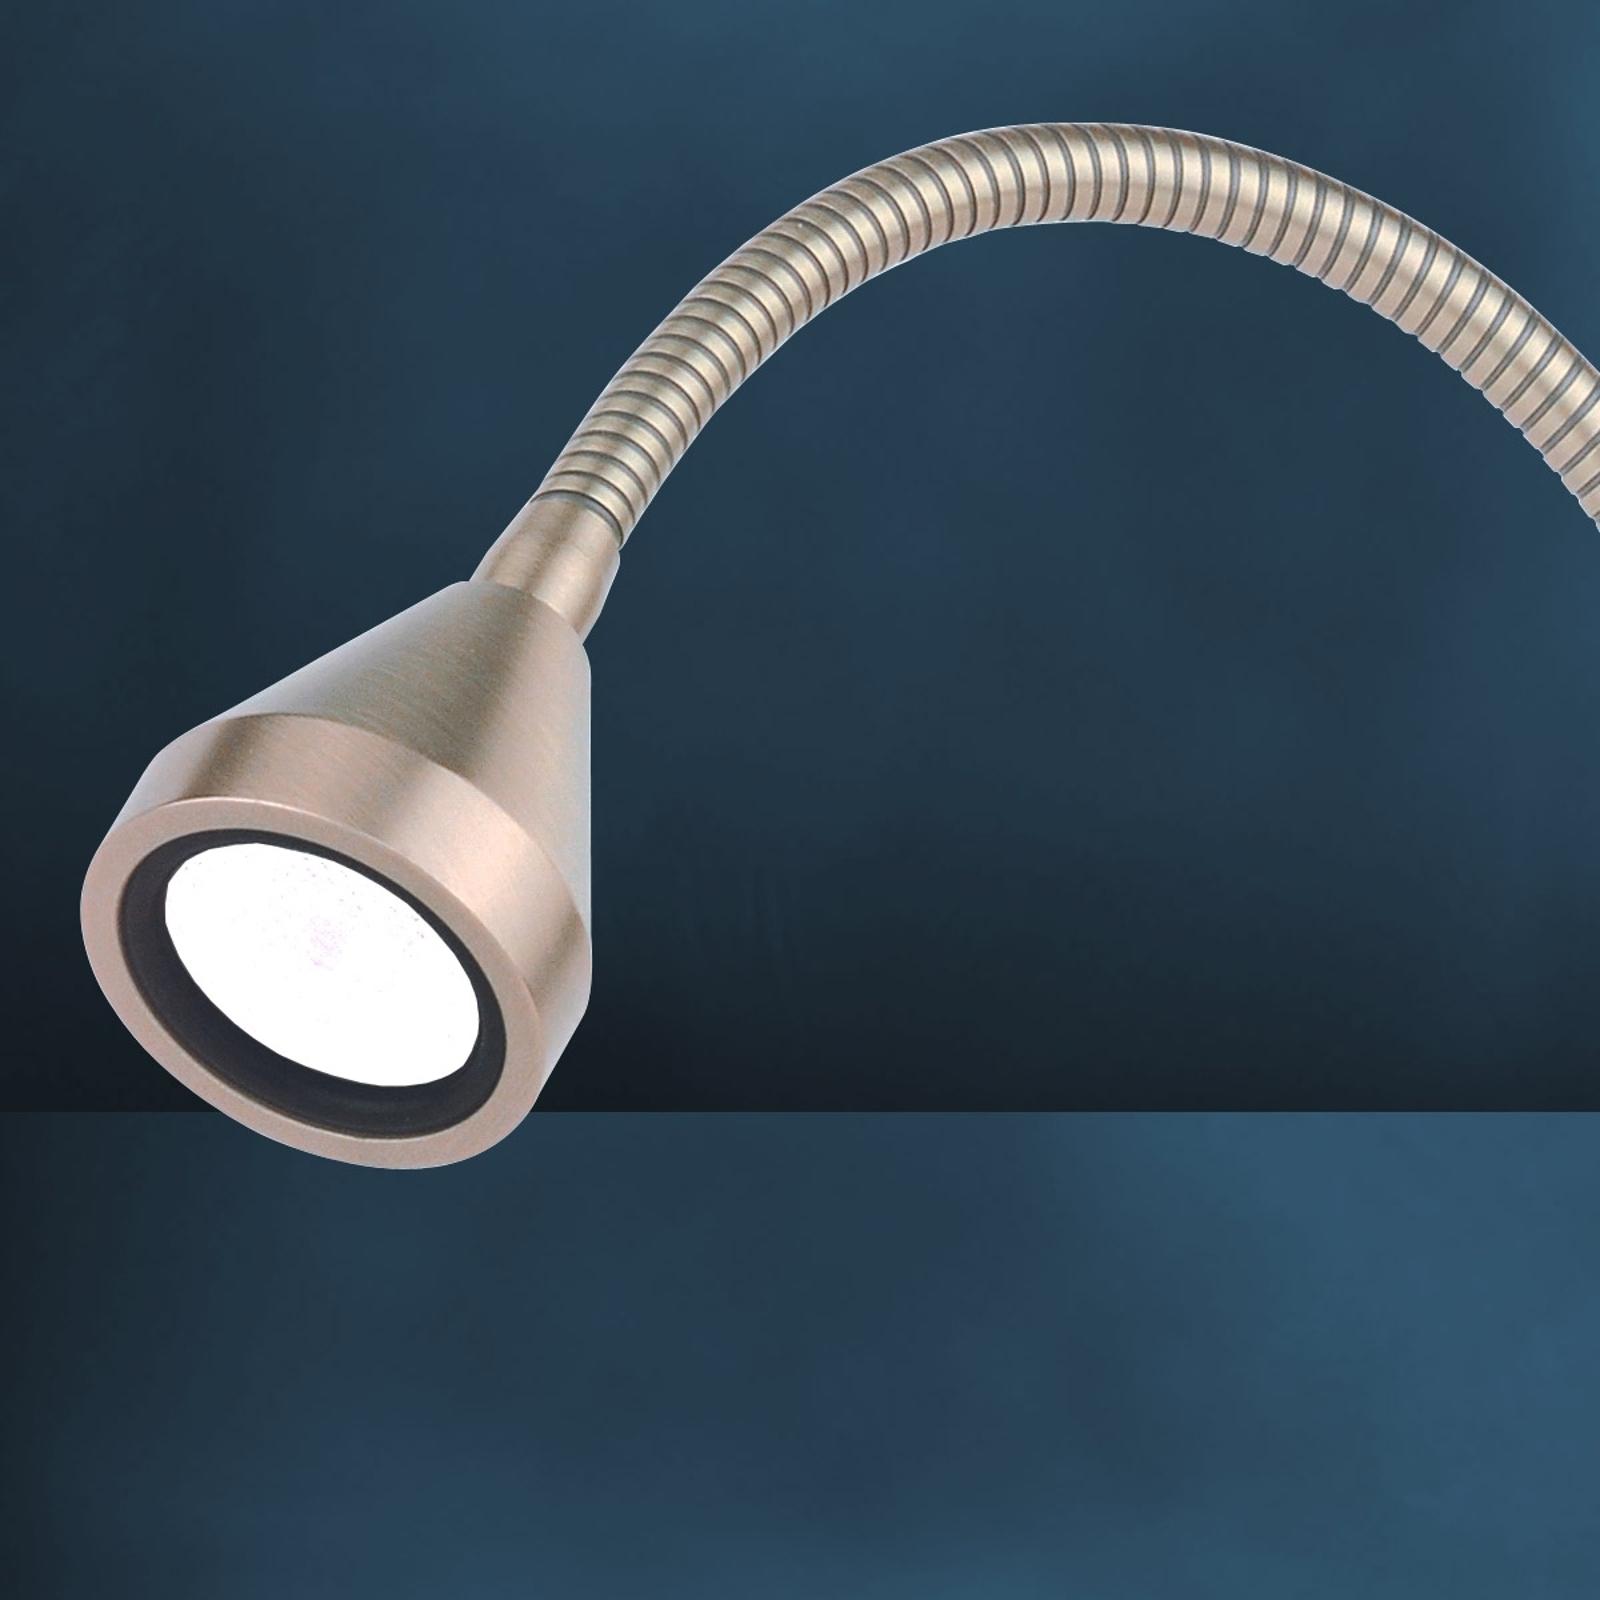 LED da tavolo MINI, braccio flex, bianco neutro